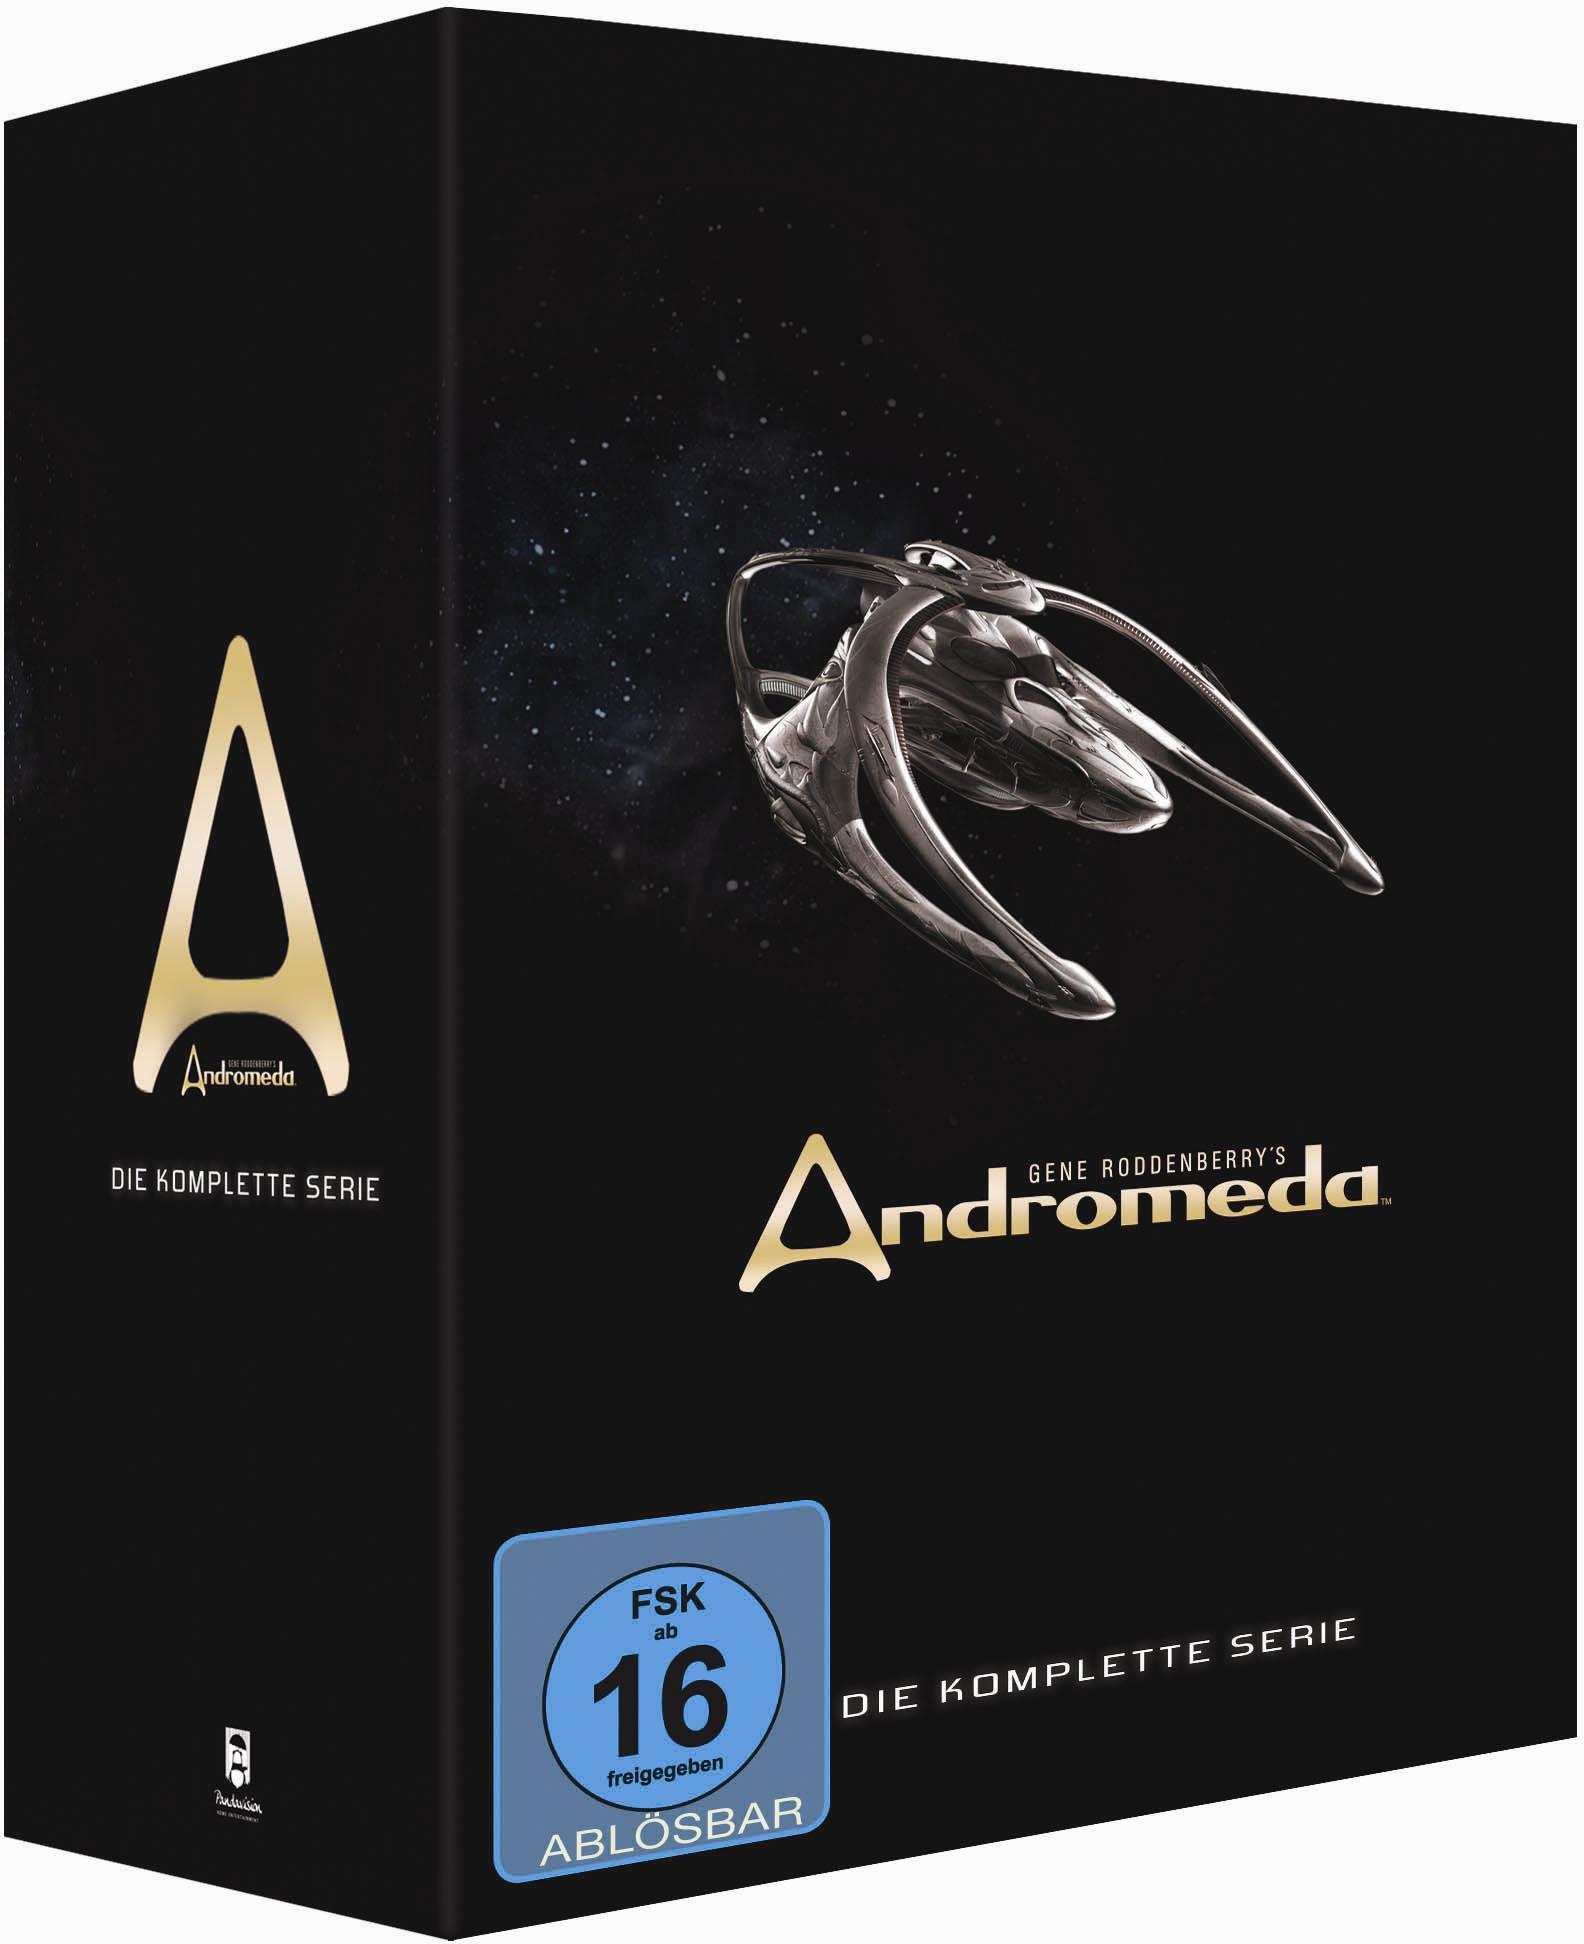 Image of Andromeda - Die komplette Serie